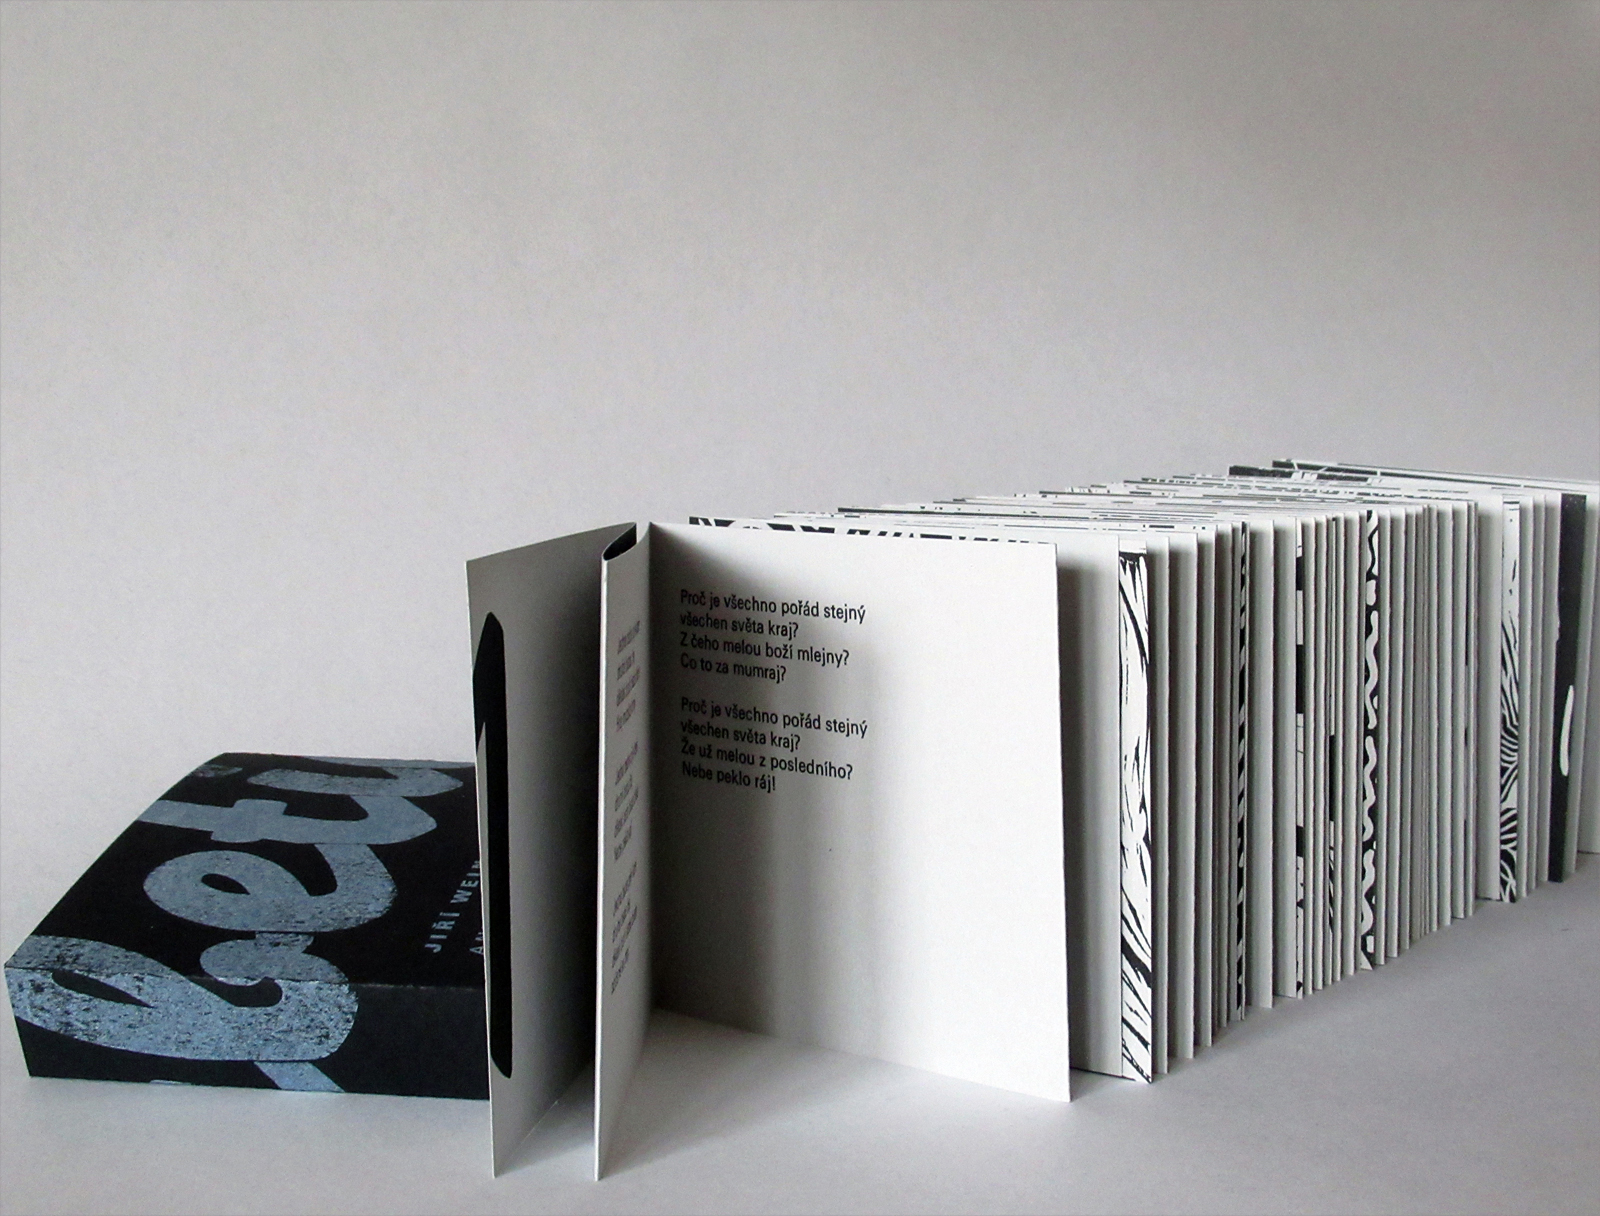 (sbírka poezie) <br> linoryt a linořez, <br> ruční sazba, knihtisk <br> semestrální práce, 1. ročník <br> 2018/19 G1A 01